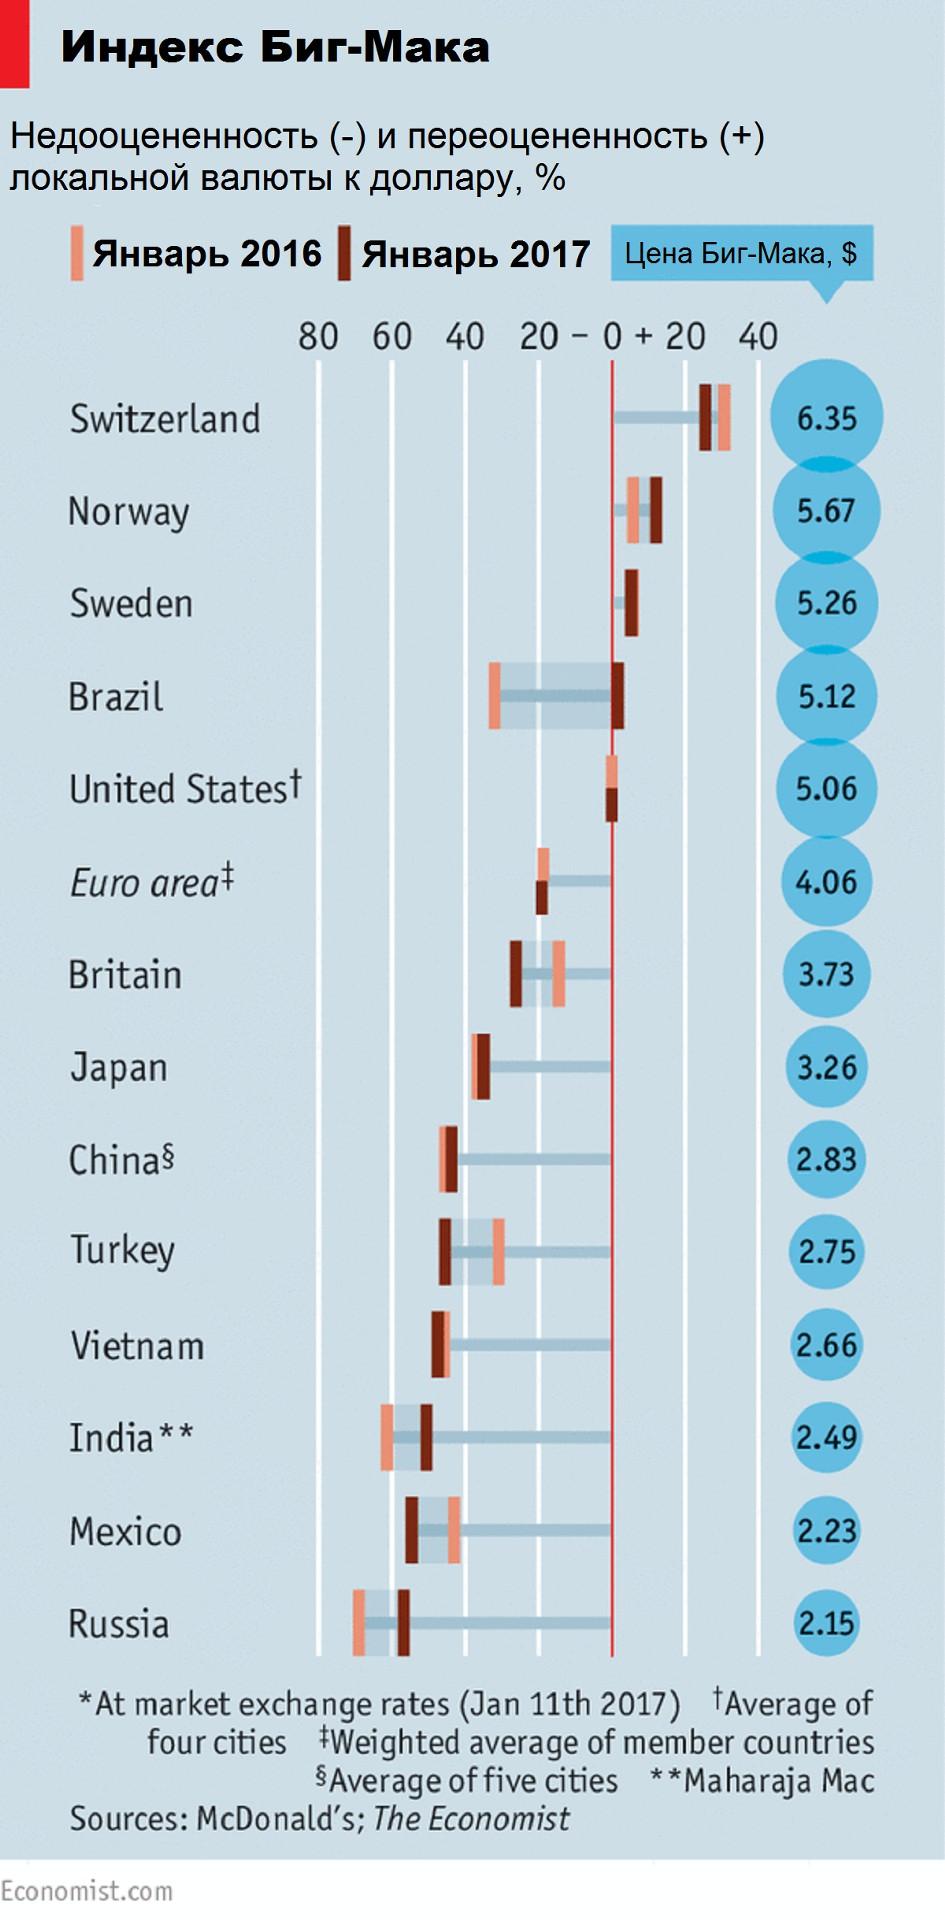 Индекс Биг-Мака: лира, песо и рубль недооценены